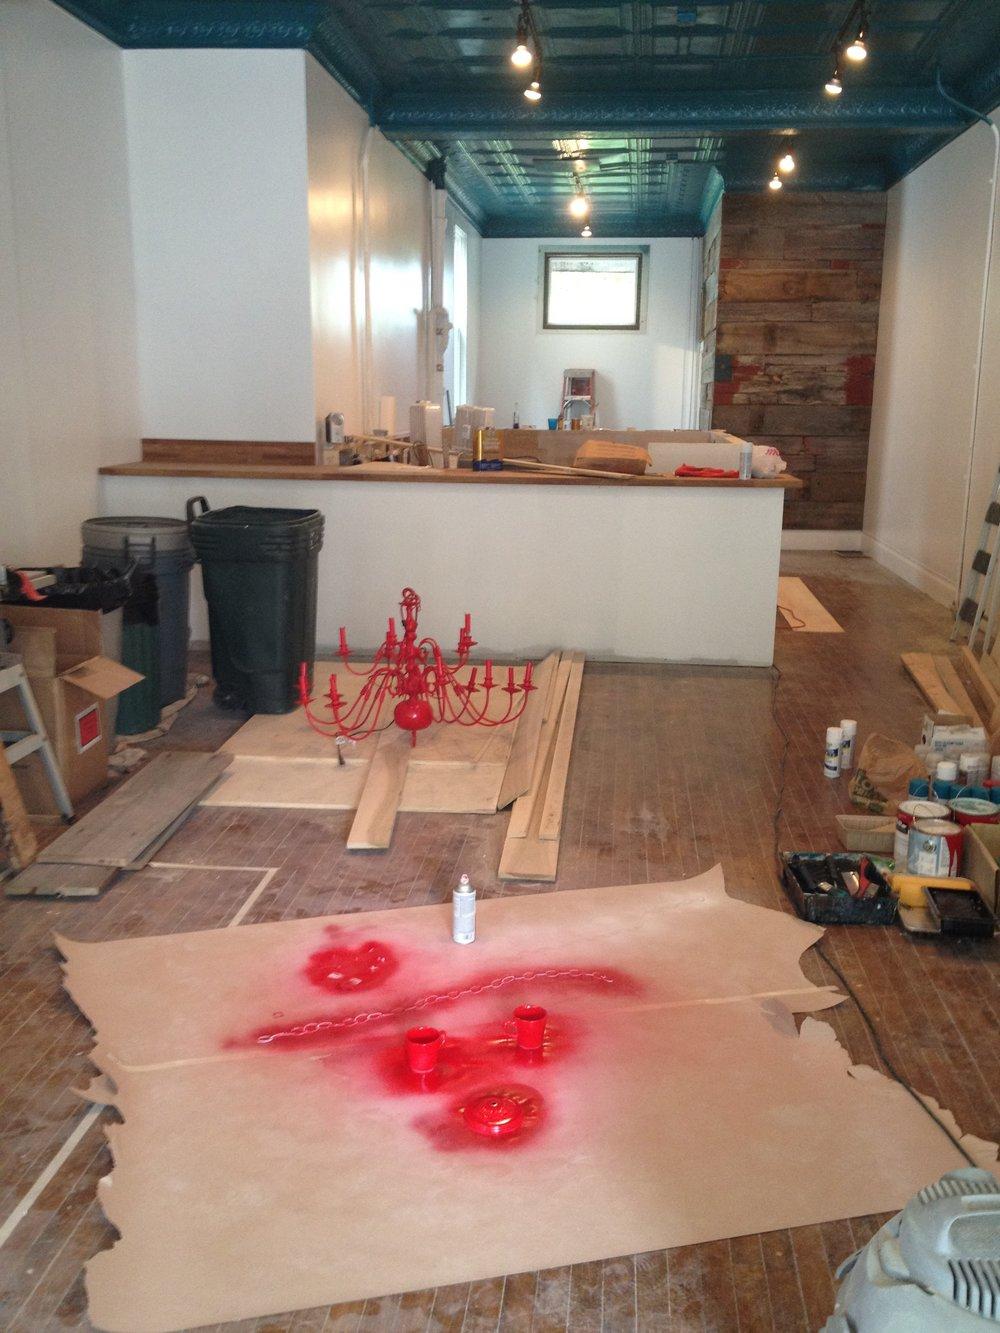 The shop under construction.